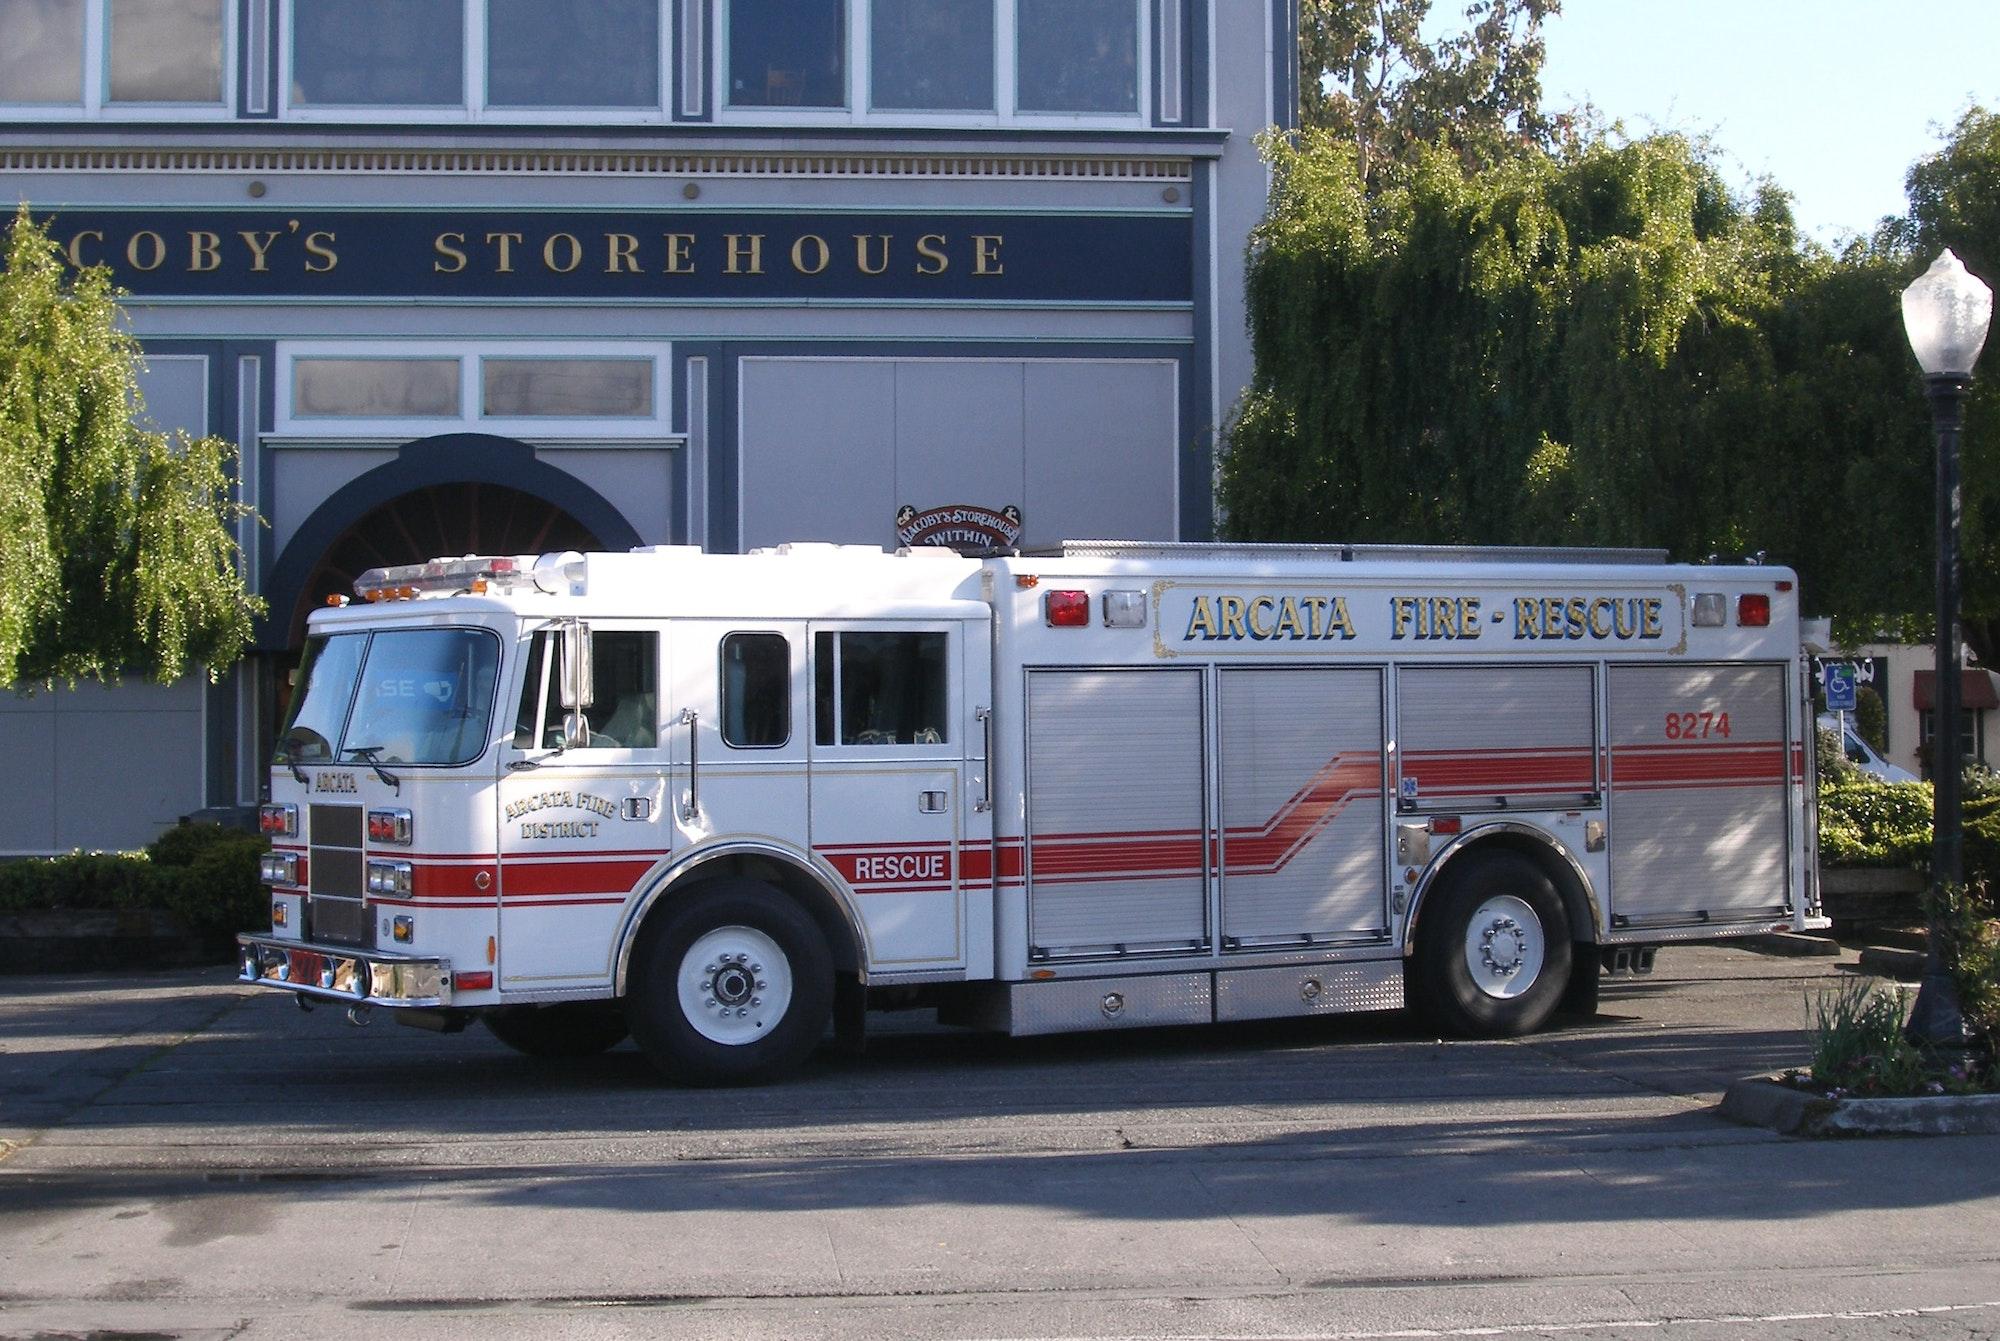 Rescue 8274 circa 90's- 2000's.